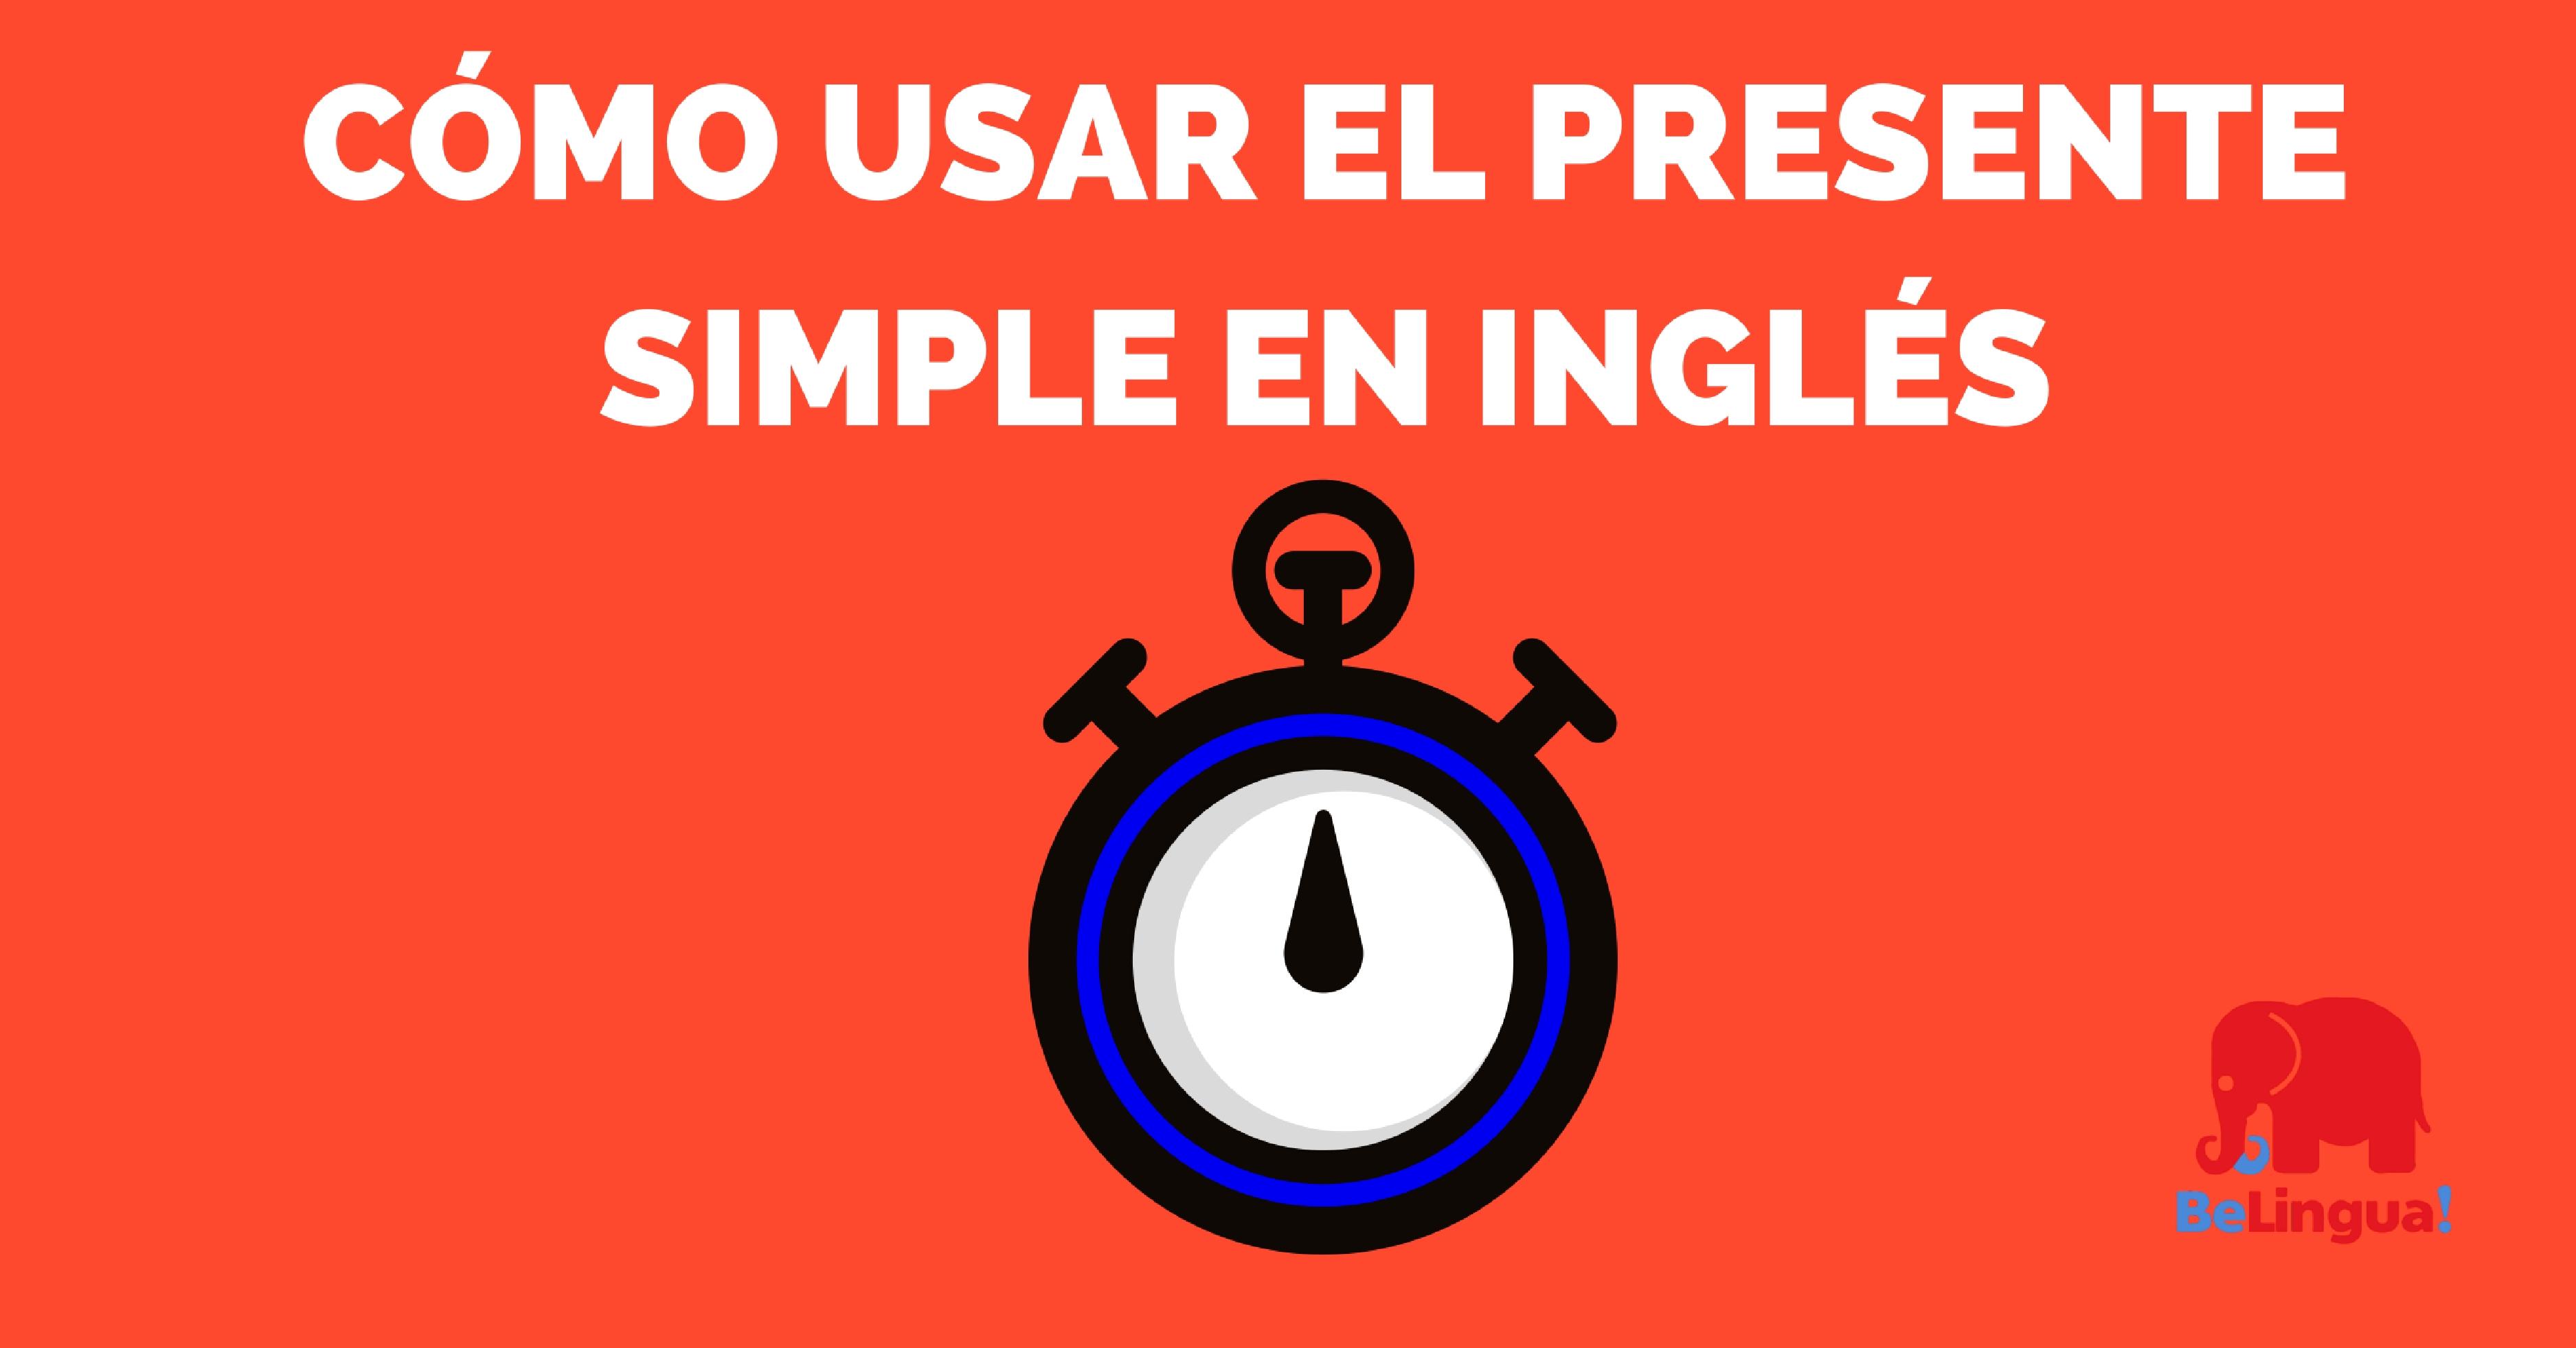 Cómo usar el Presente simple en inglés